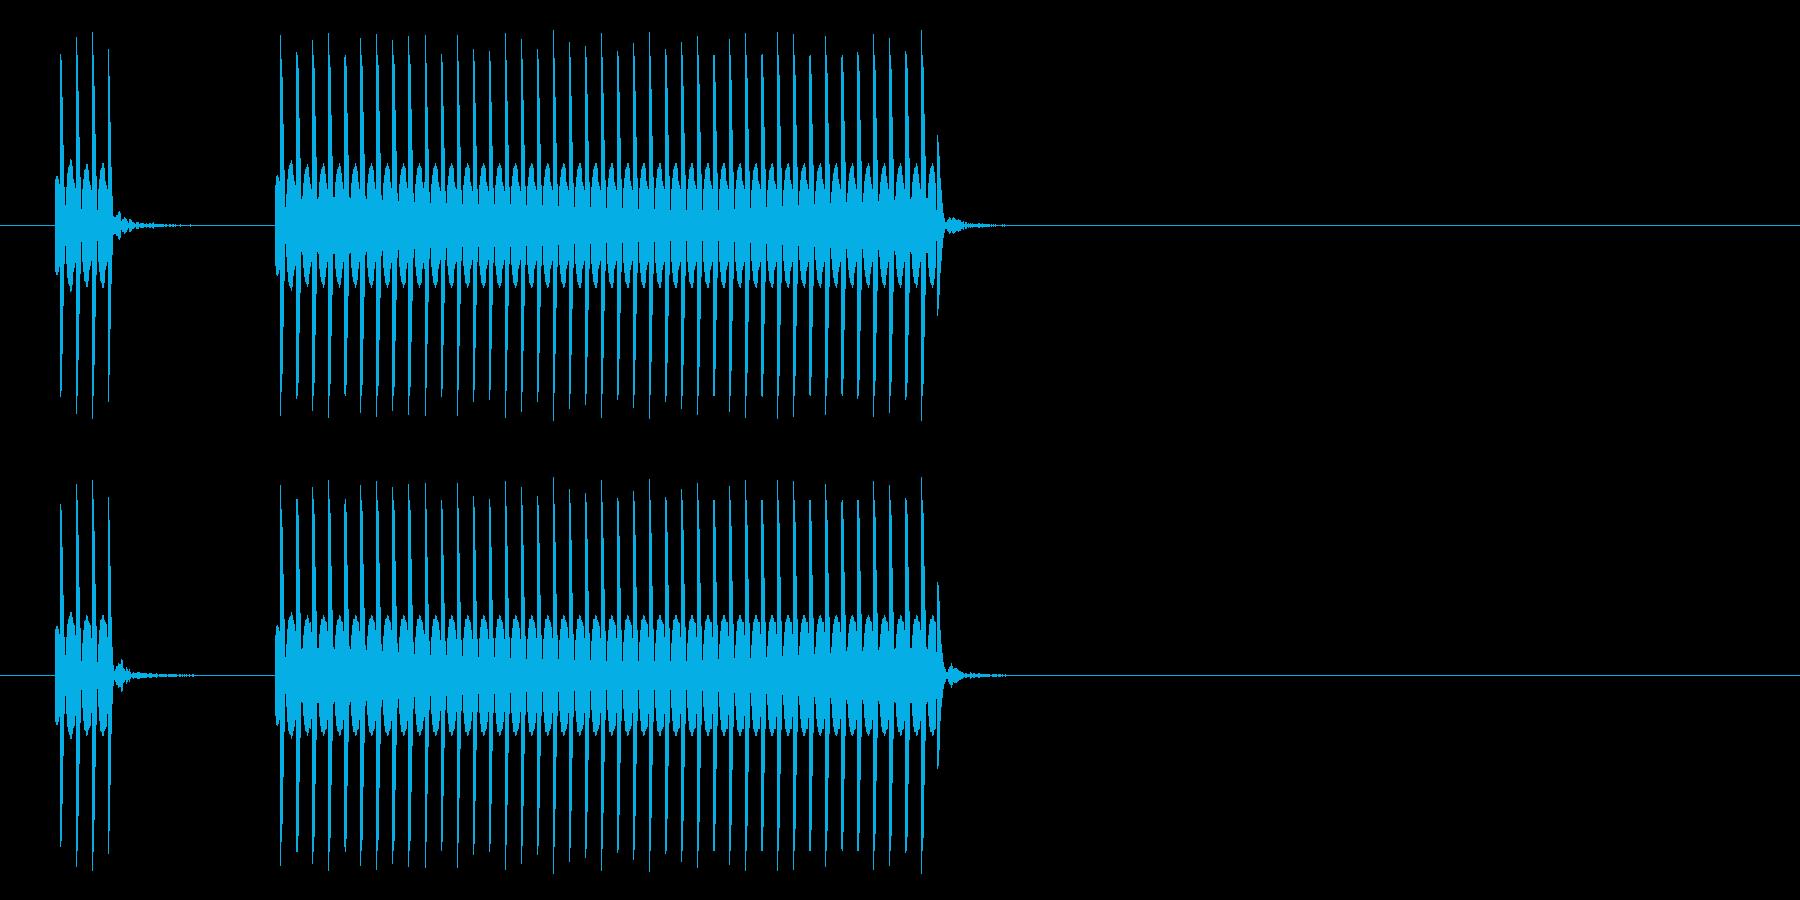 クイズ不正解音2/はずれ/ブッブーッの再生済みの波形